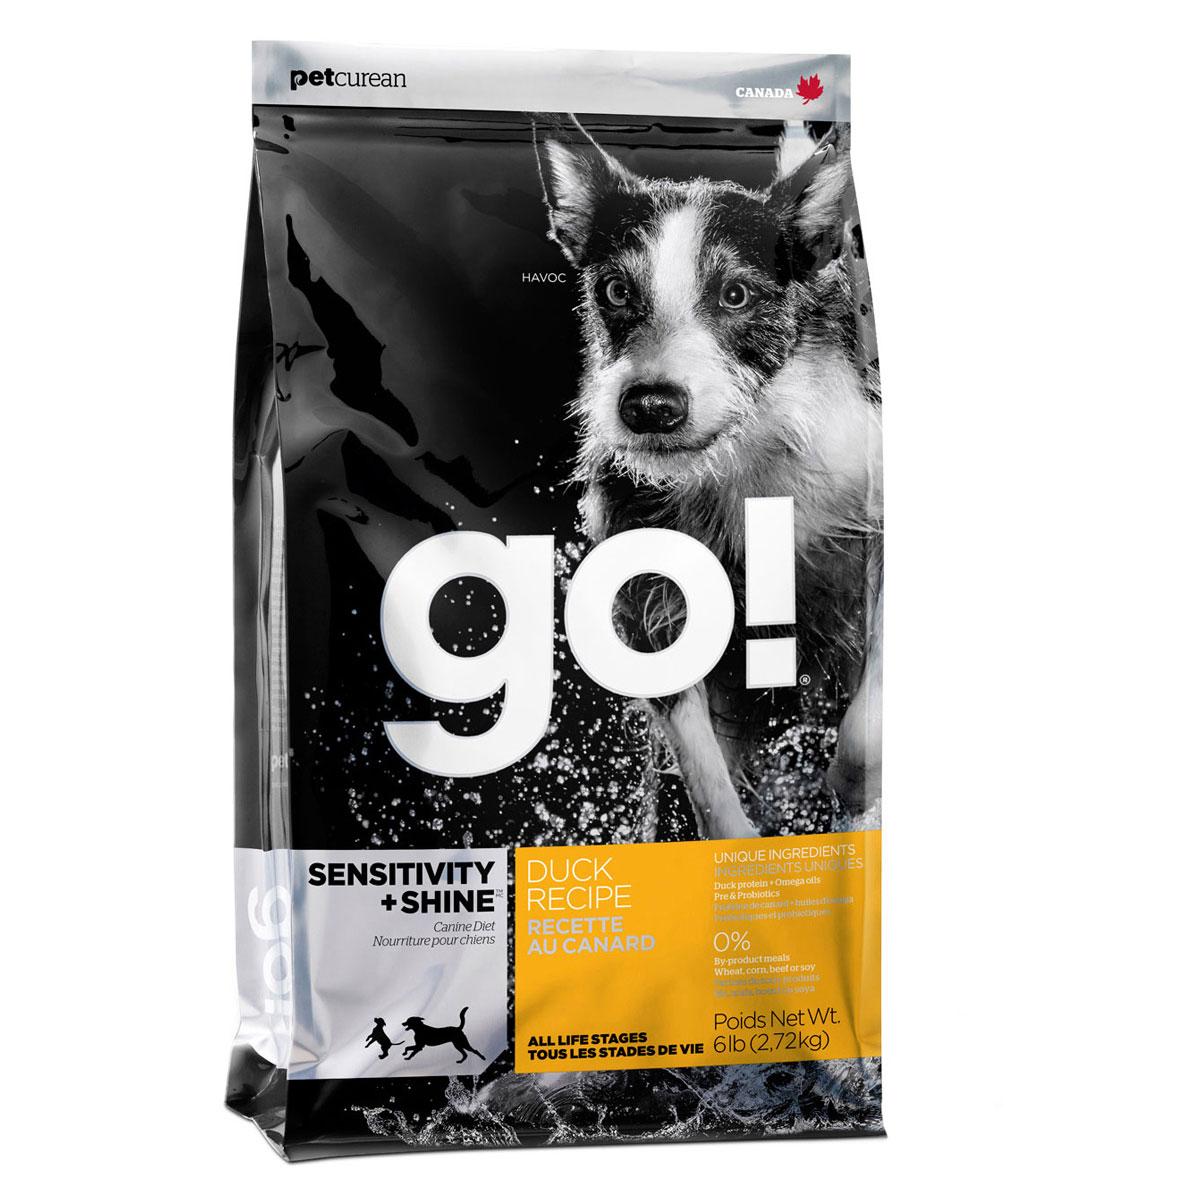 Корм сухой GO! для щенков и собак, беззерновой, с цельной уткой и овсянкой, 2,72 кг10093Сухой корм GO! - полностью сбалансированный холистик корм из цельной утки и овсянки. Утка - единственный источник белка, что идеально подходит собакам с чувствительным пищеварением, склонным к аллергиям, и собакам с длинной роскошной шерстью. Ключевые преимущества: - не содержит ГМО, гормонов, субпродуктов, красителей, искусственных консервантов, - не содержит говядины, пшеницы, кукурузы, сои, - пробиотики и пребиотики обеспечивают здоровое пищеварение, - омега-масла в составе необходимы для здоровой кожи и шерсти, - антиоксиданты укрепляют иммунную систему, - сложные углеводы - отличный источник энергии. Состав: свежее мясо утки, овсяные хлопья, картофель, цельный овес, филе утки, рапсовое масло (кисточник витамина E), яблоки, натуральный ароматизатор, семена льна, лебеда, зерна камута, карбонат кальция, хлорид калия, хлорид натрия, сушеные водоросли, витамины (витамин А, витамин D3, витамин Е, инозитол, ниацин,...